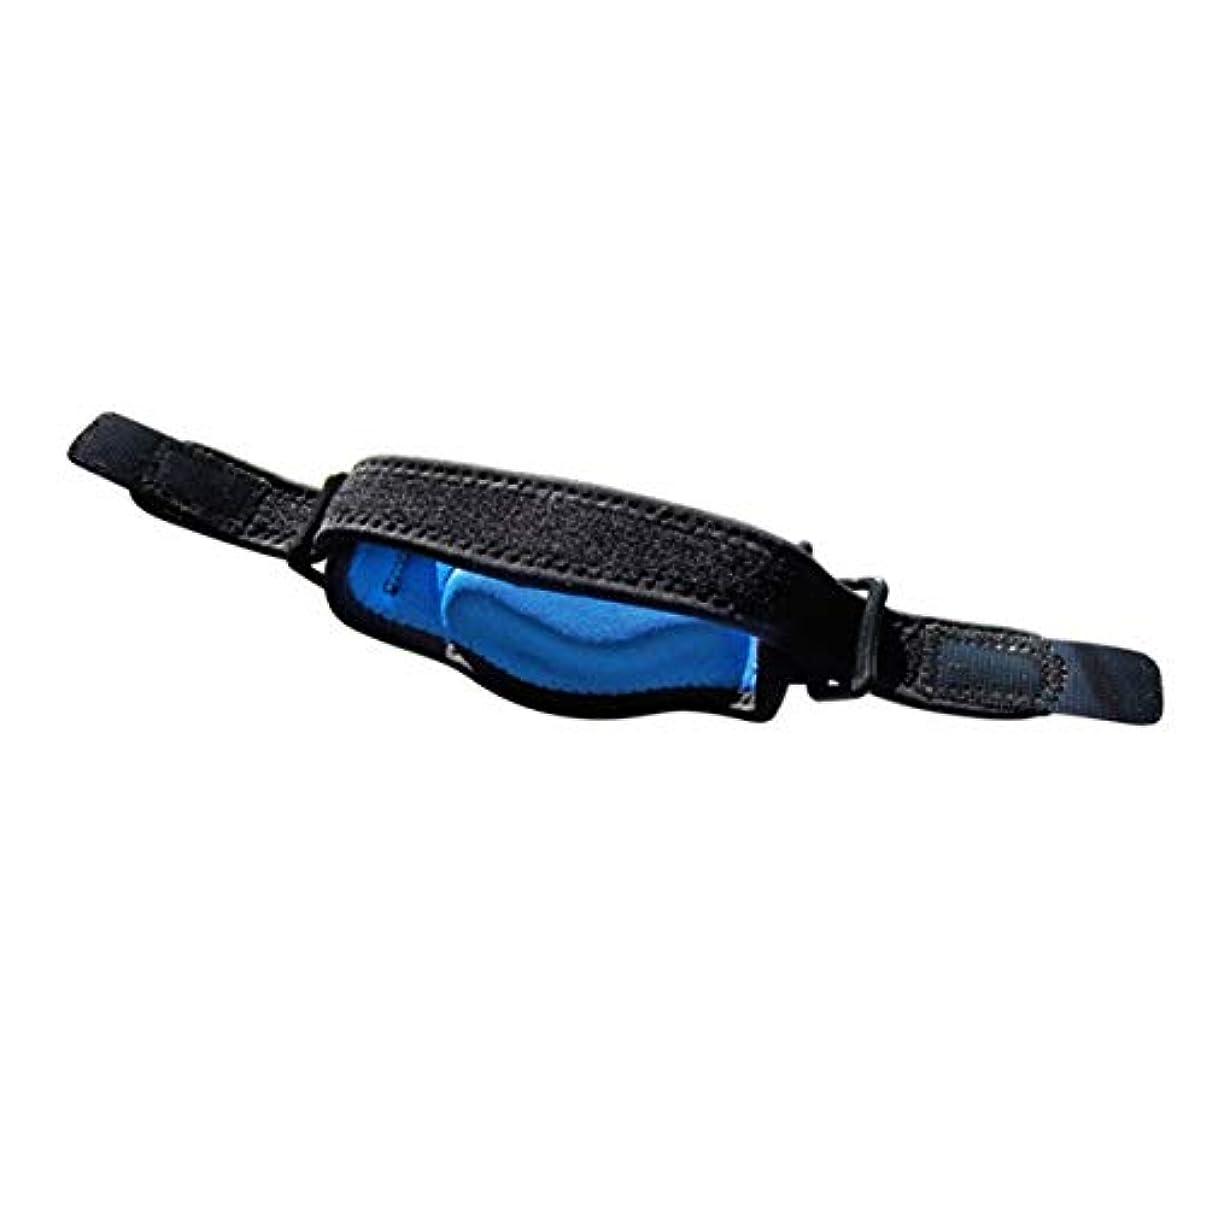 石香りスイス人調節可能なテニス肘サポートストラップブレースゴルフ前腕痛み緩和